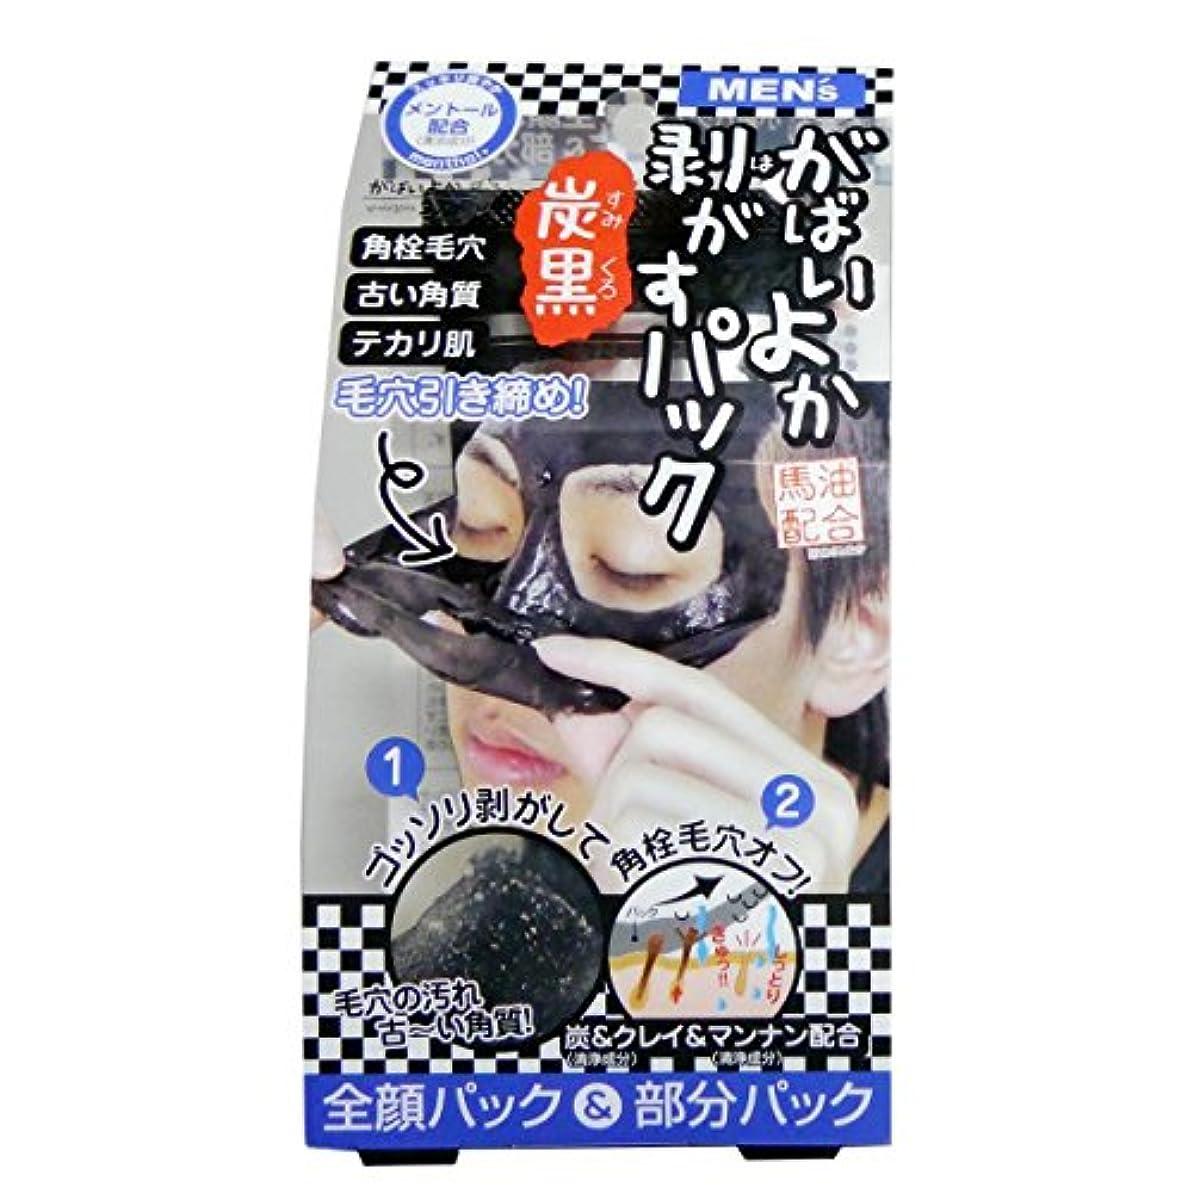 できた自発的とティームがばいよかコスメ メンズ 剥がすパック 炭黒 (90g)